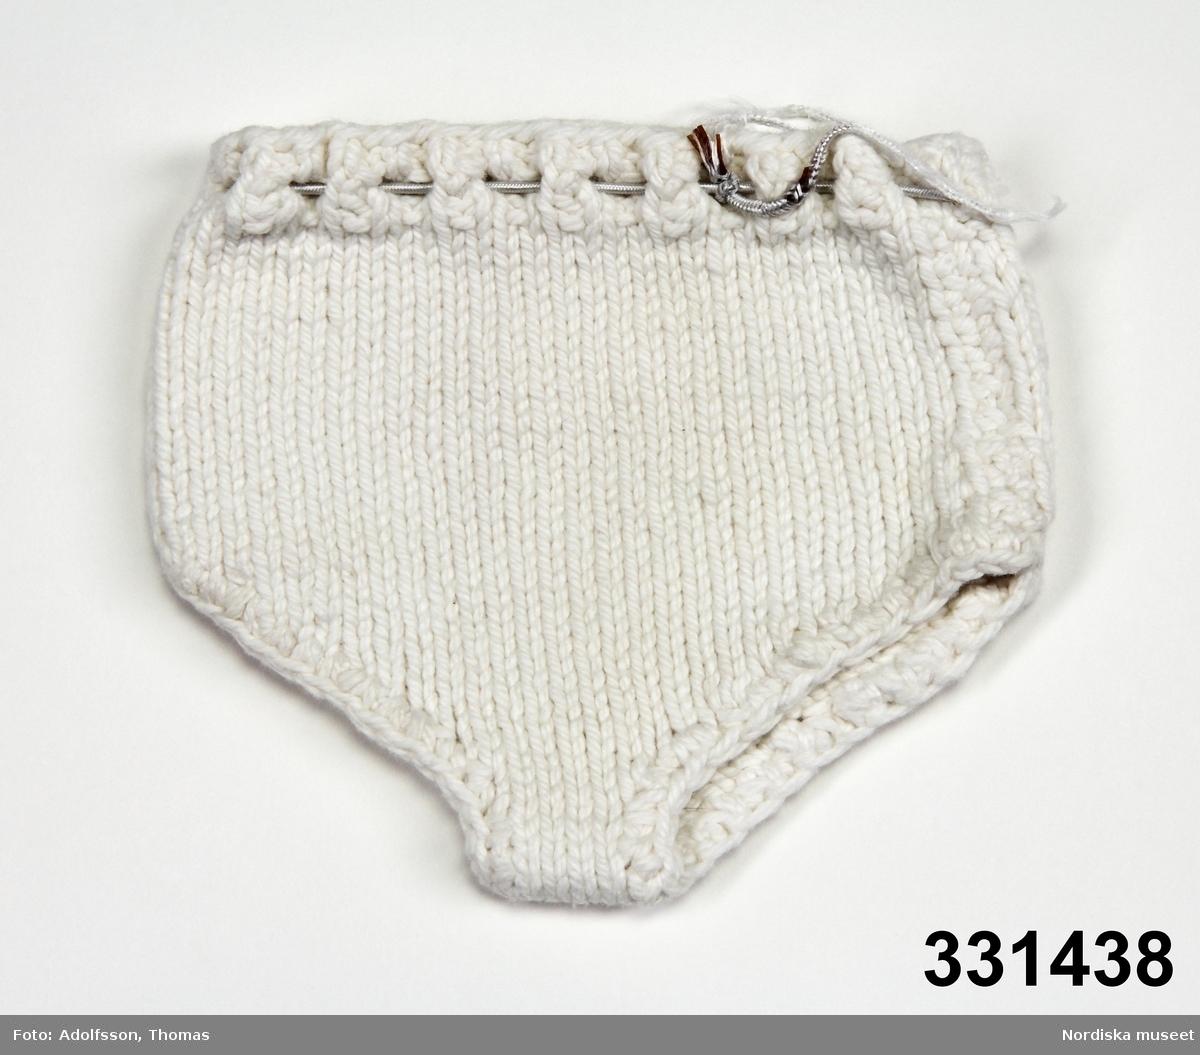 Stickade dockunderbyxor av vitt bomullsgarn och med gummiresår i midjan. /Karin Dern 2011-09-13